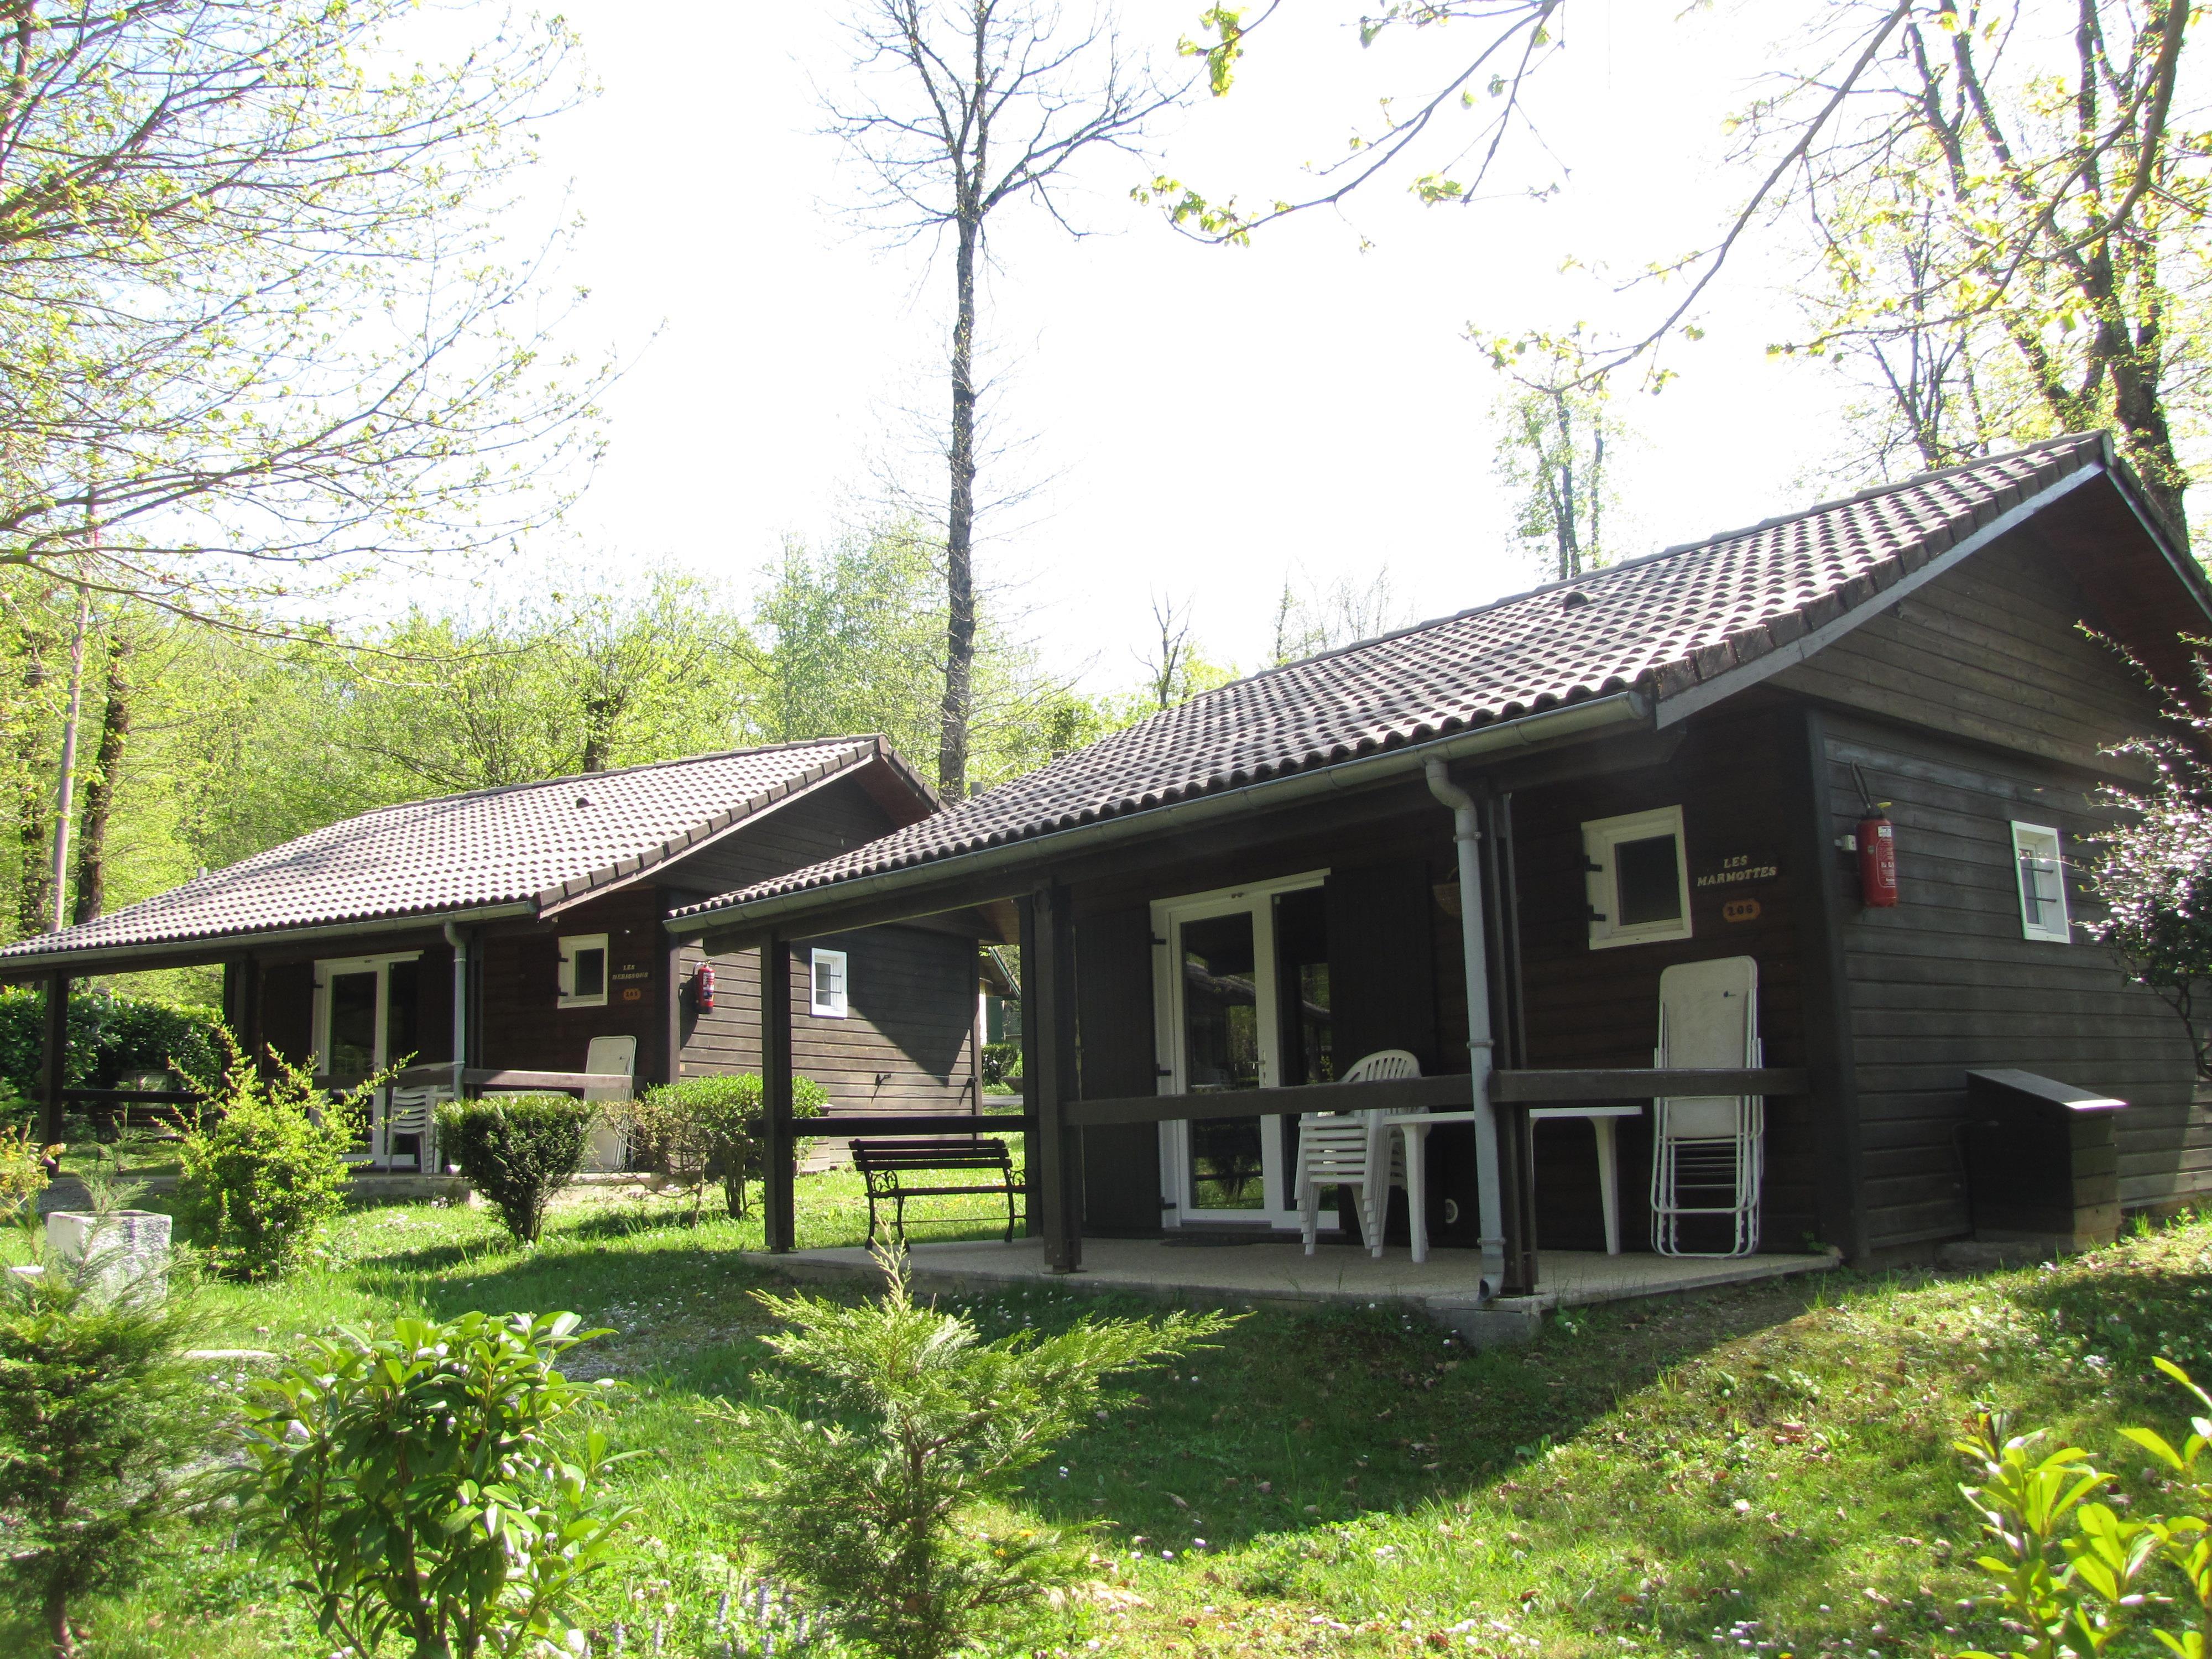 Camping le Relais du Leman, Messery, Haute-Savoie